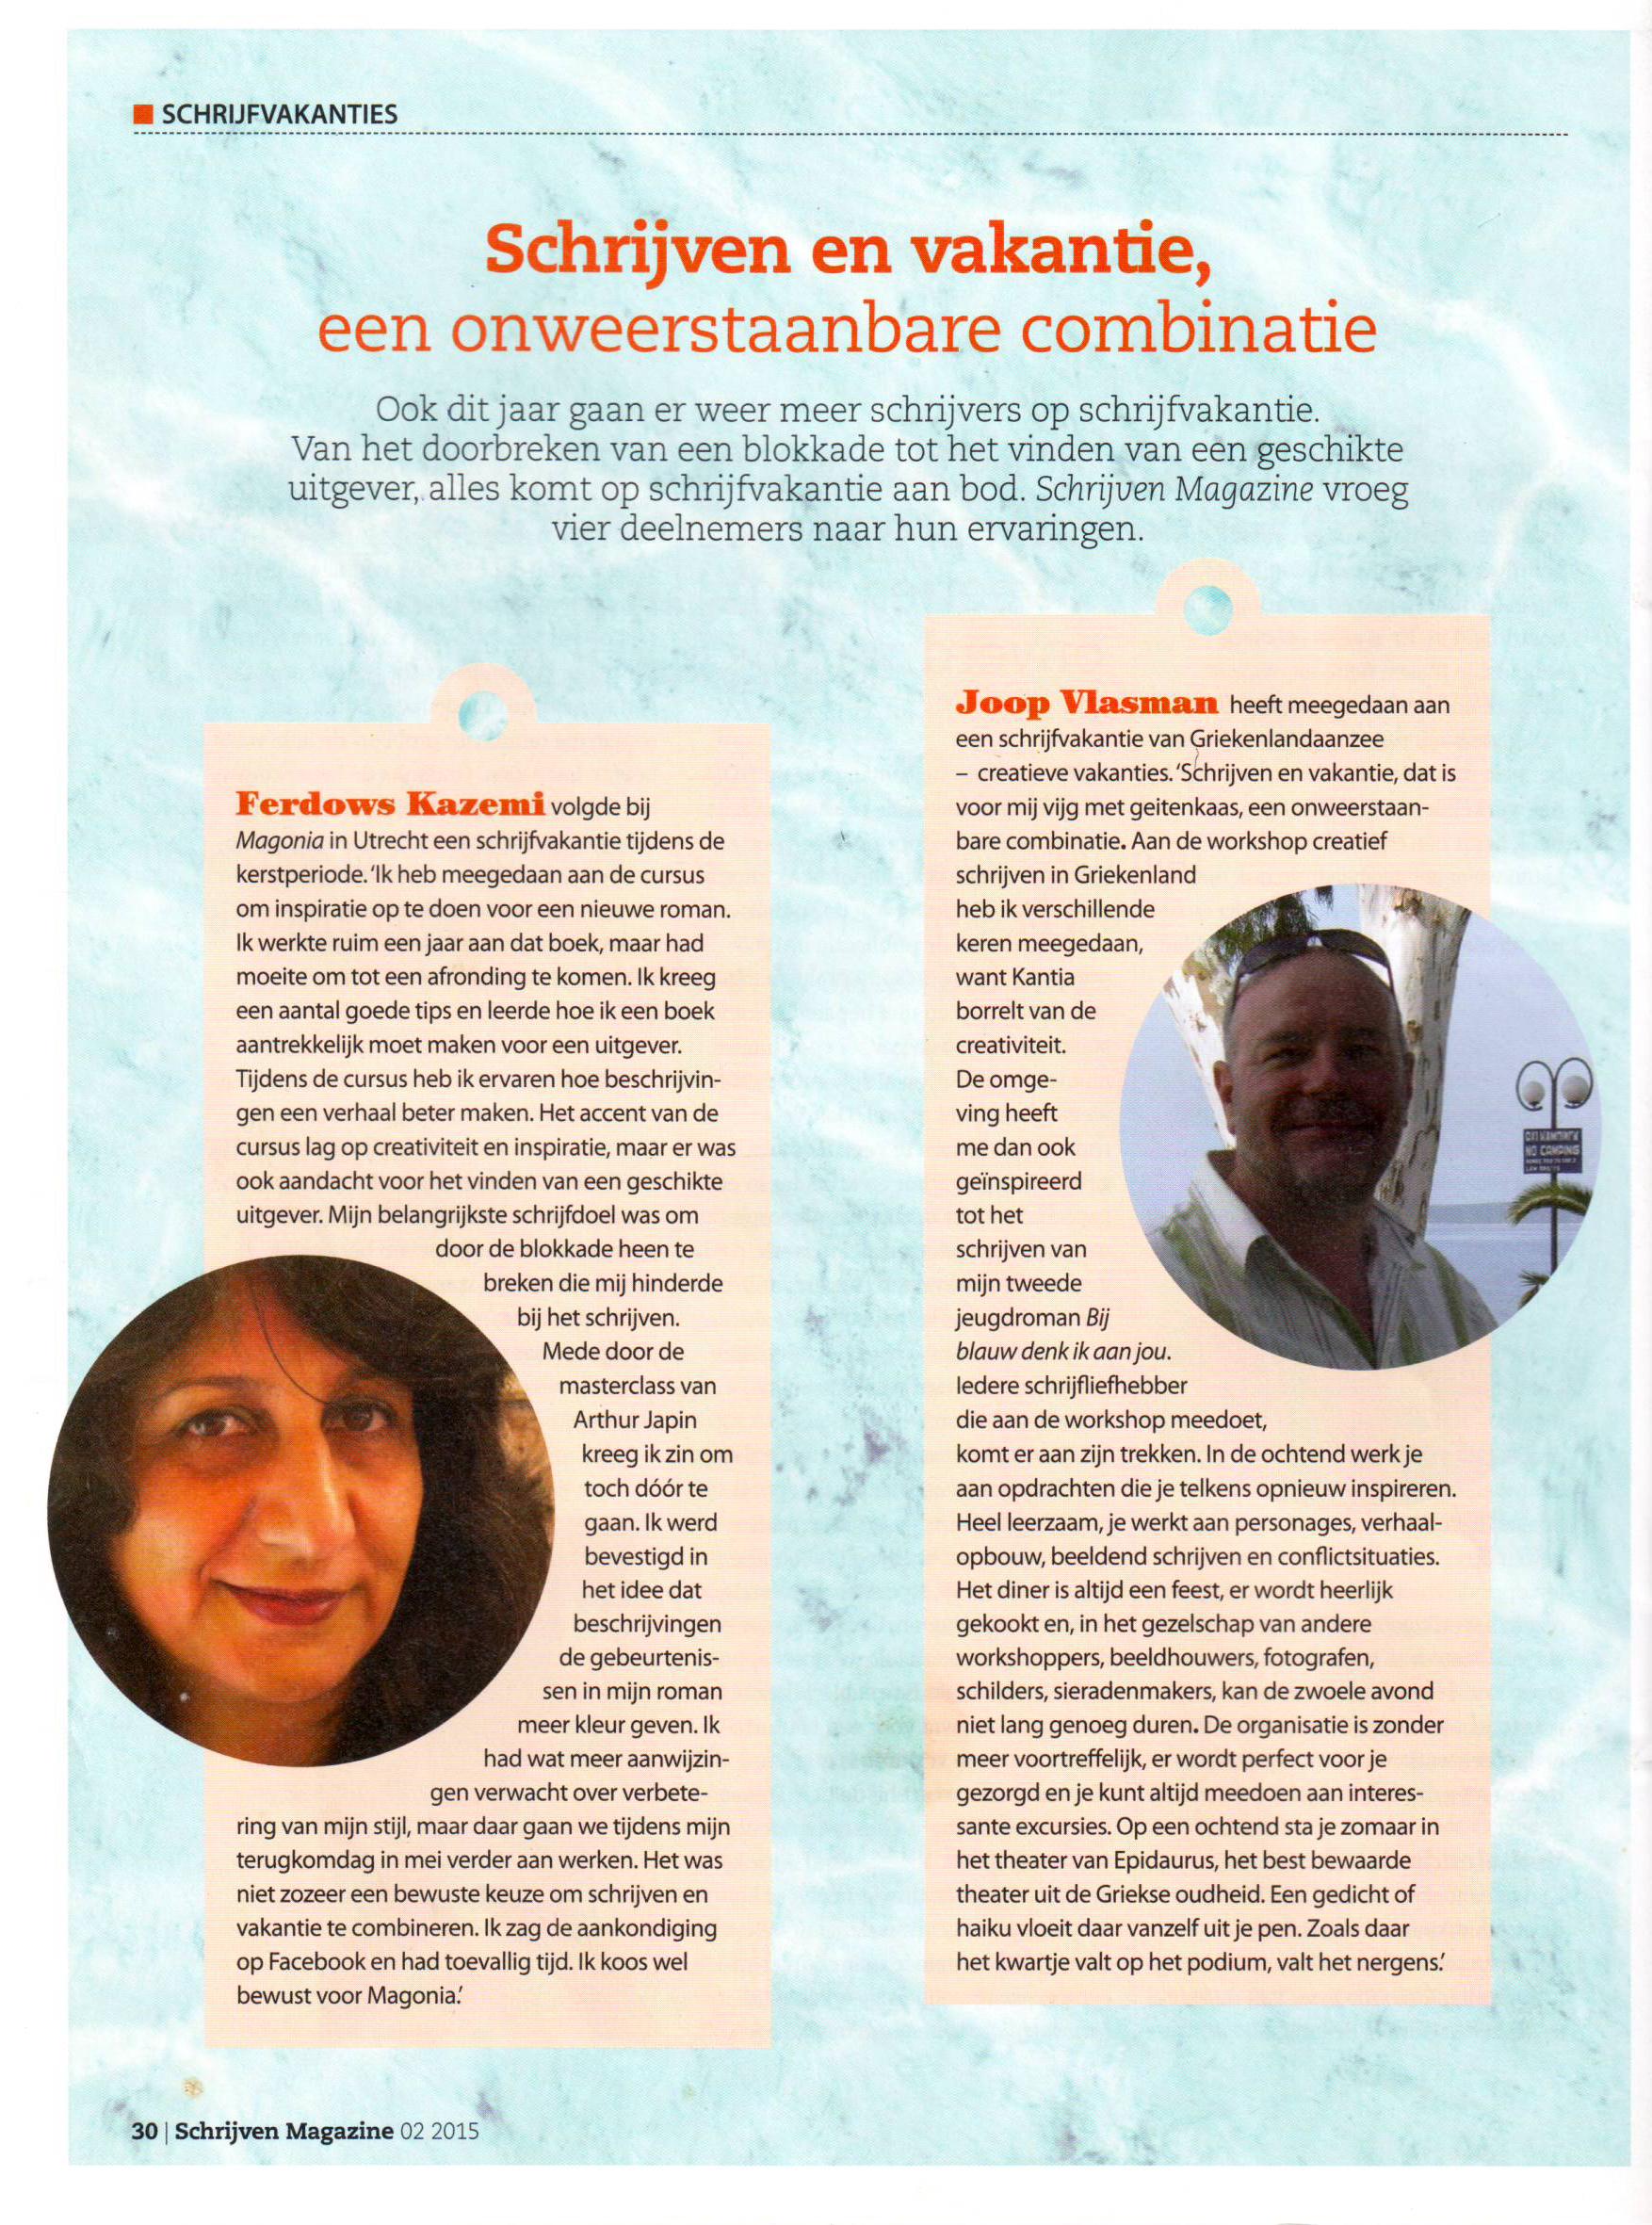 Schrijven Magzine (2015)